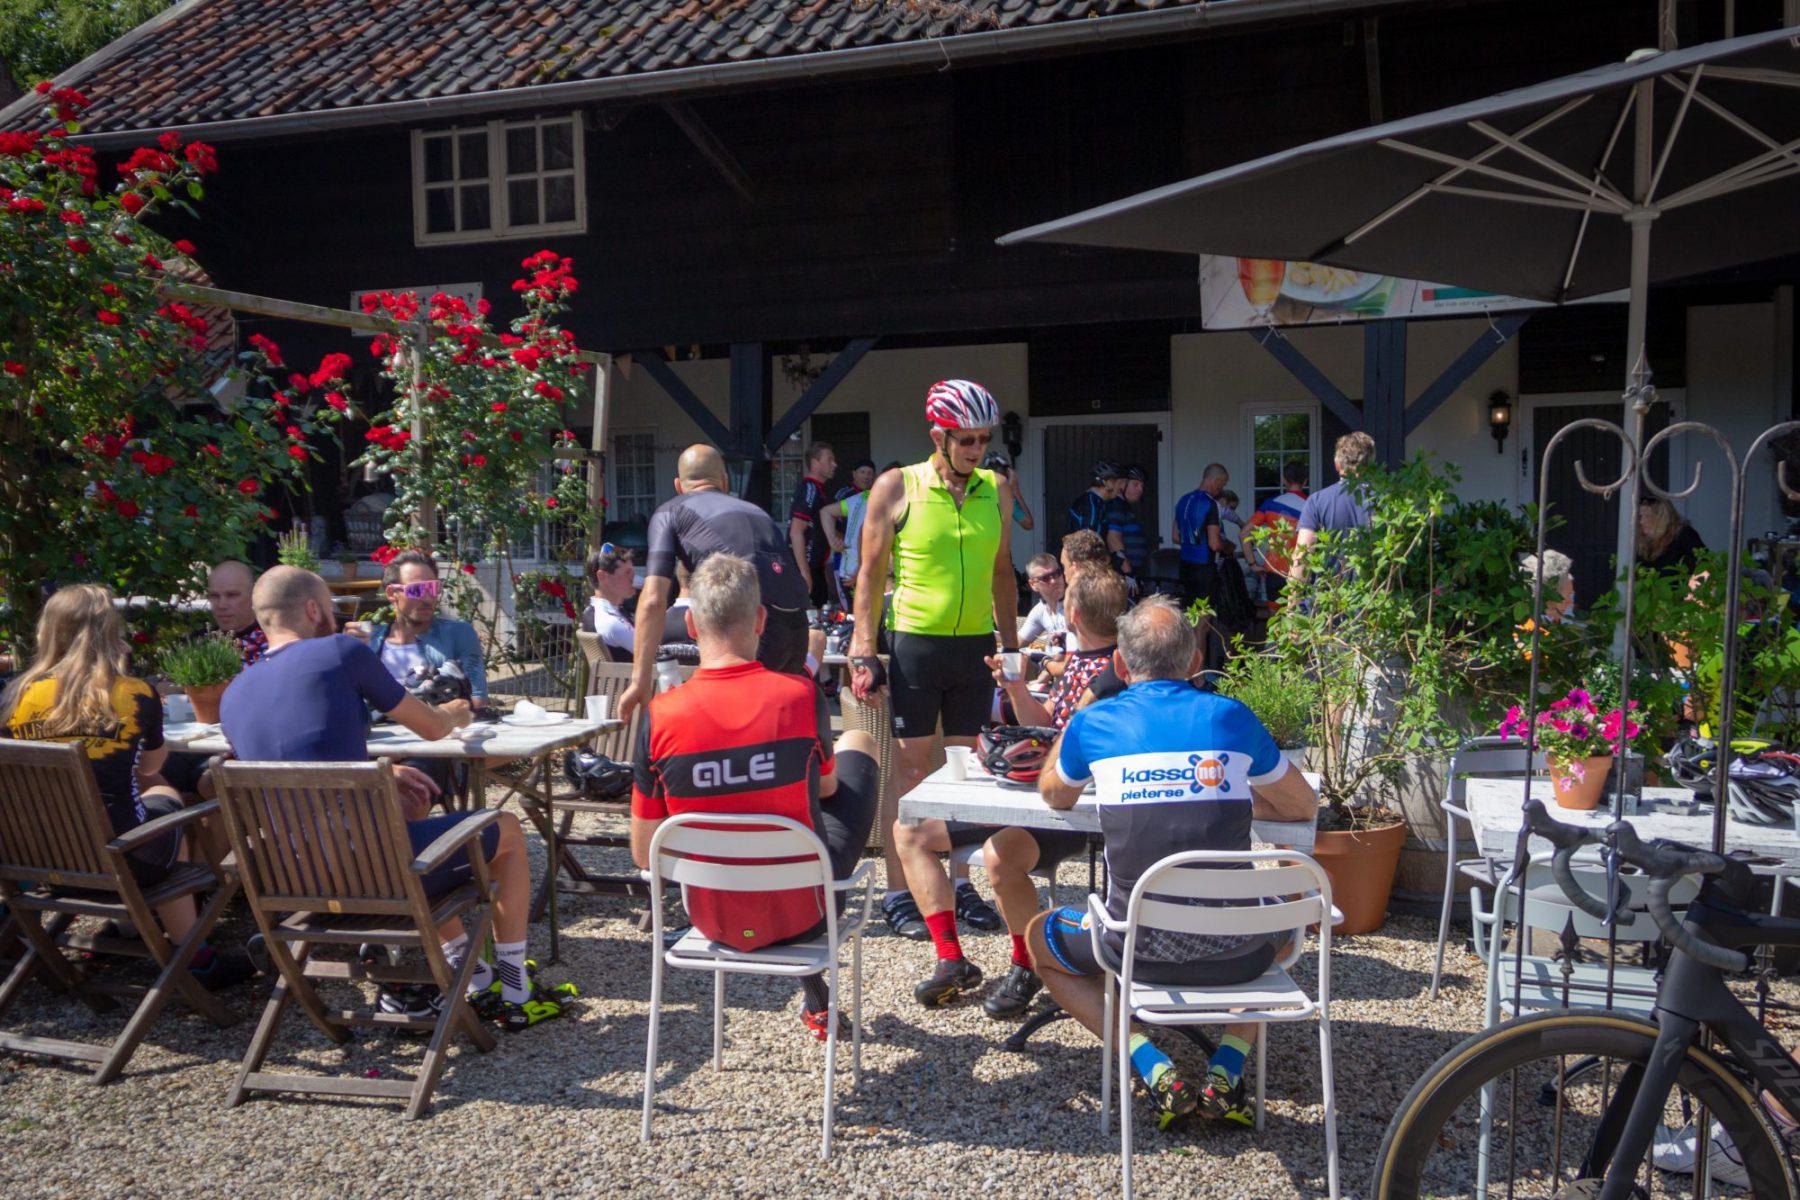 IJsselsteinse Toertocht 2019